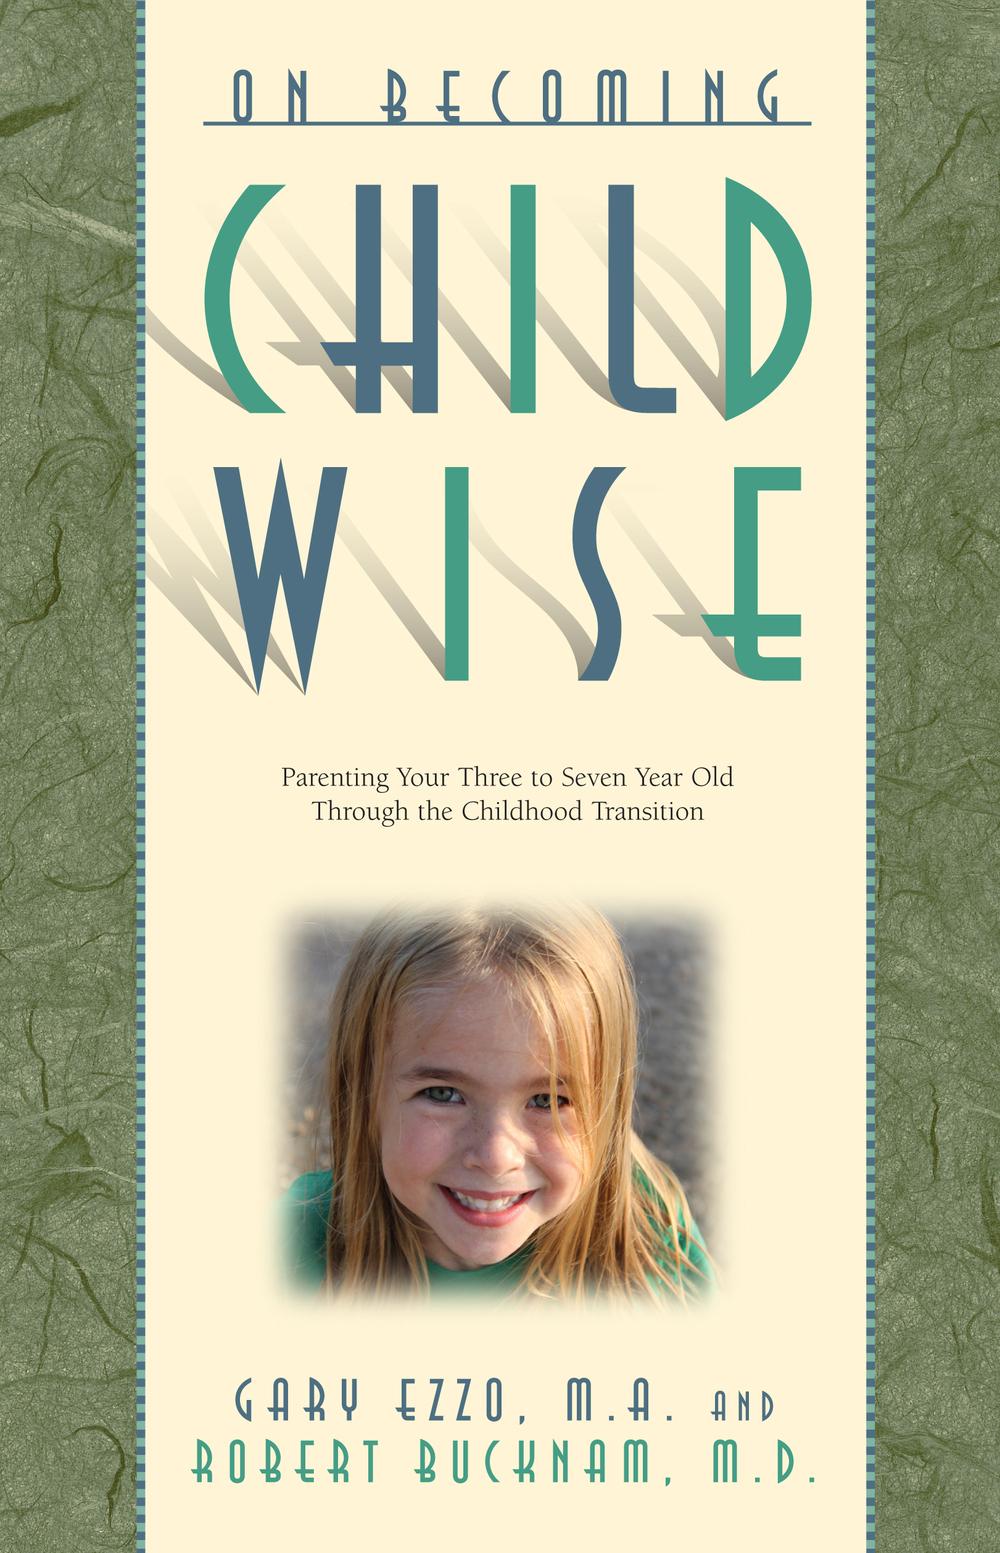 Childwise Rebekah Crop 2014.jpg